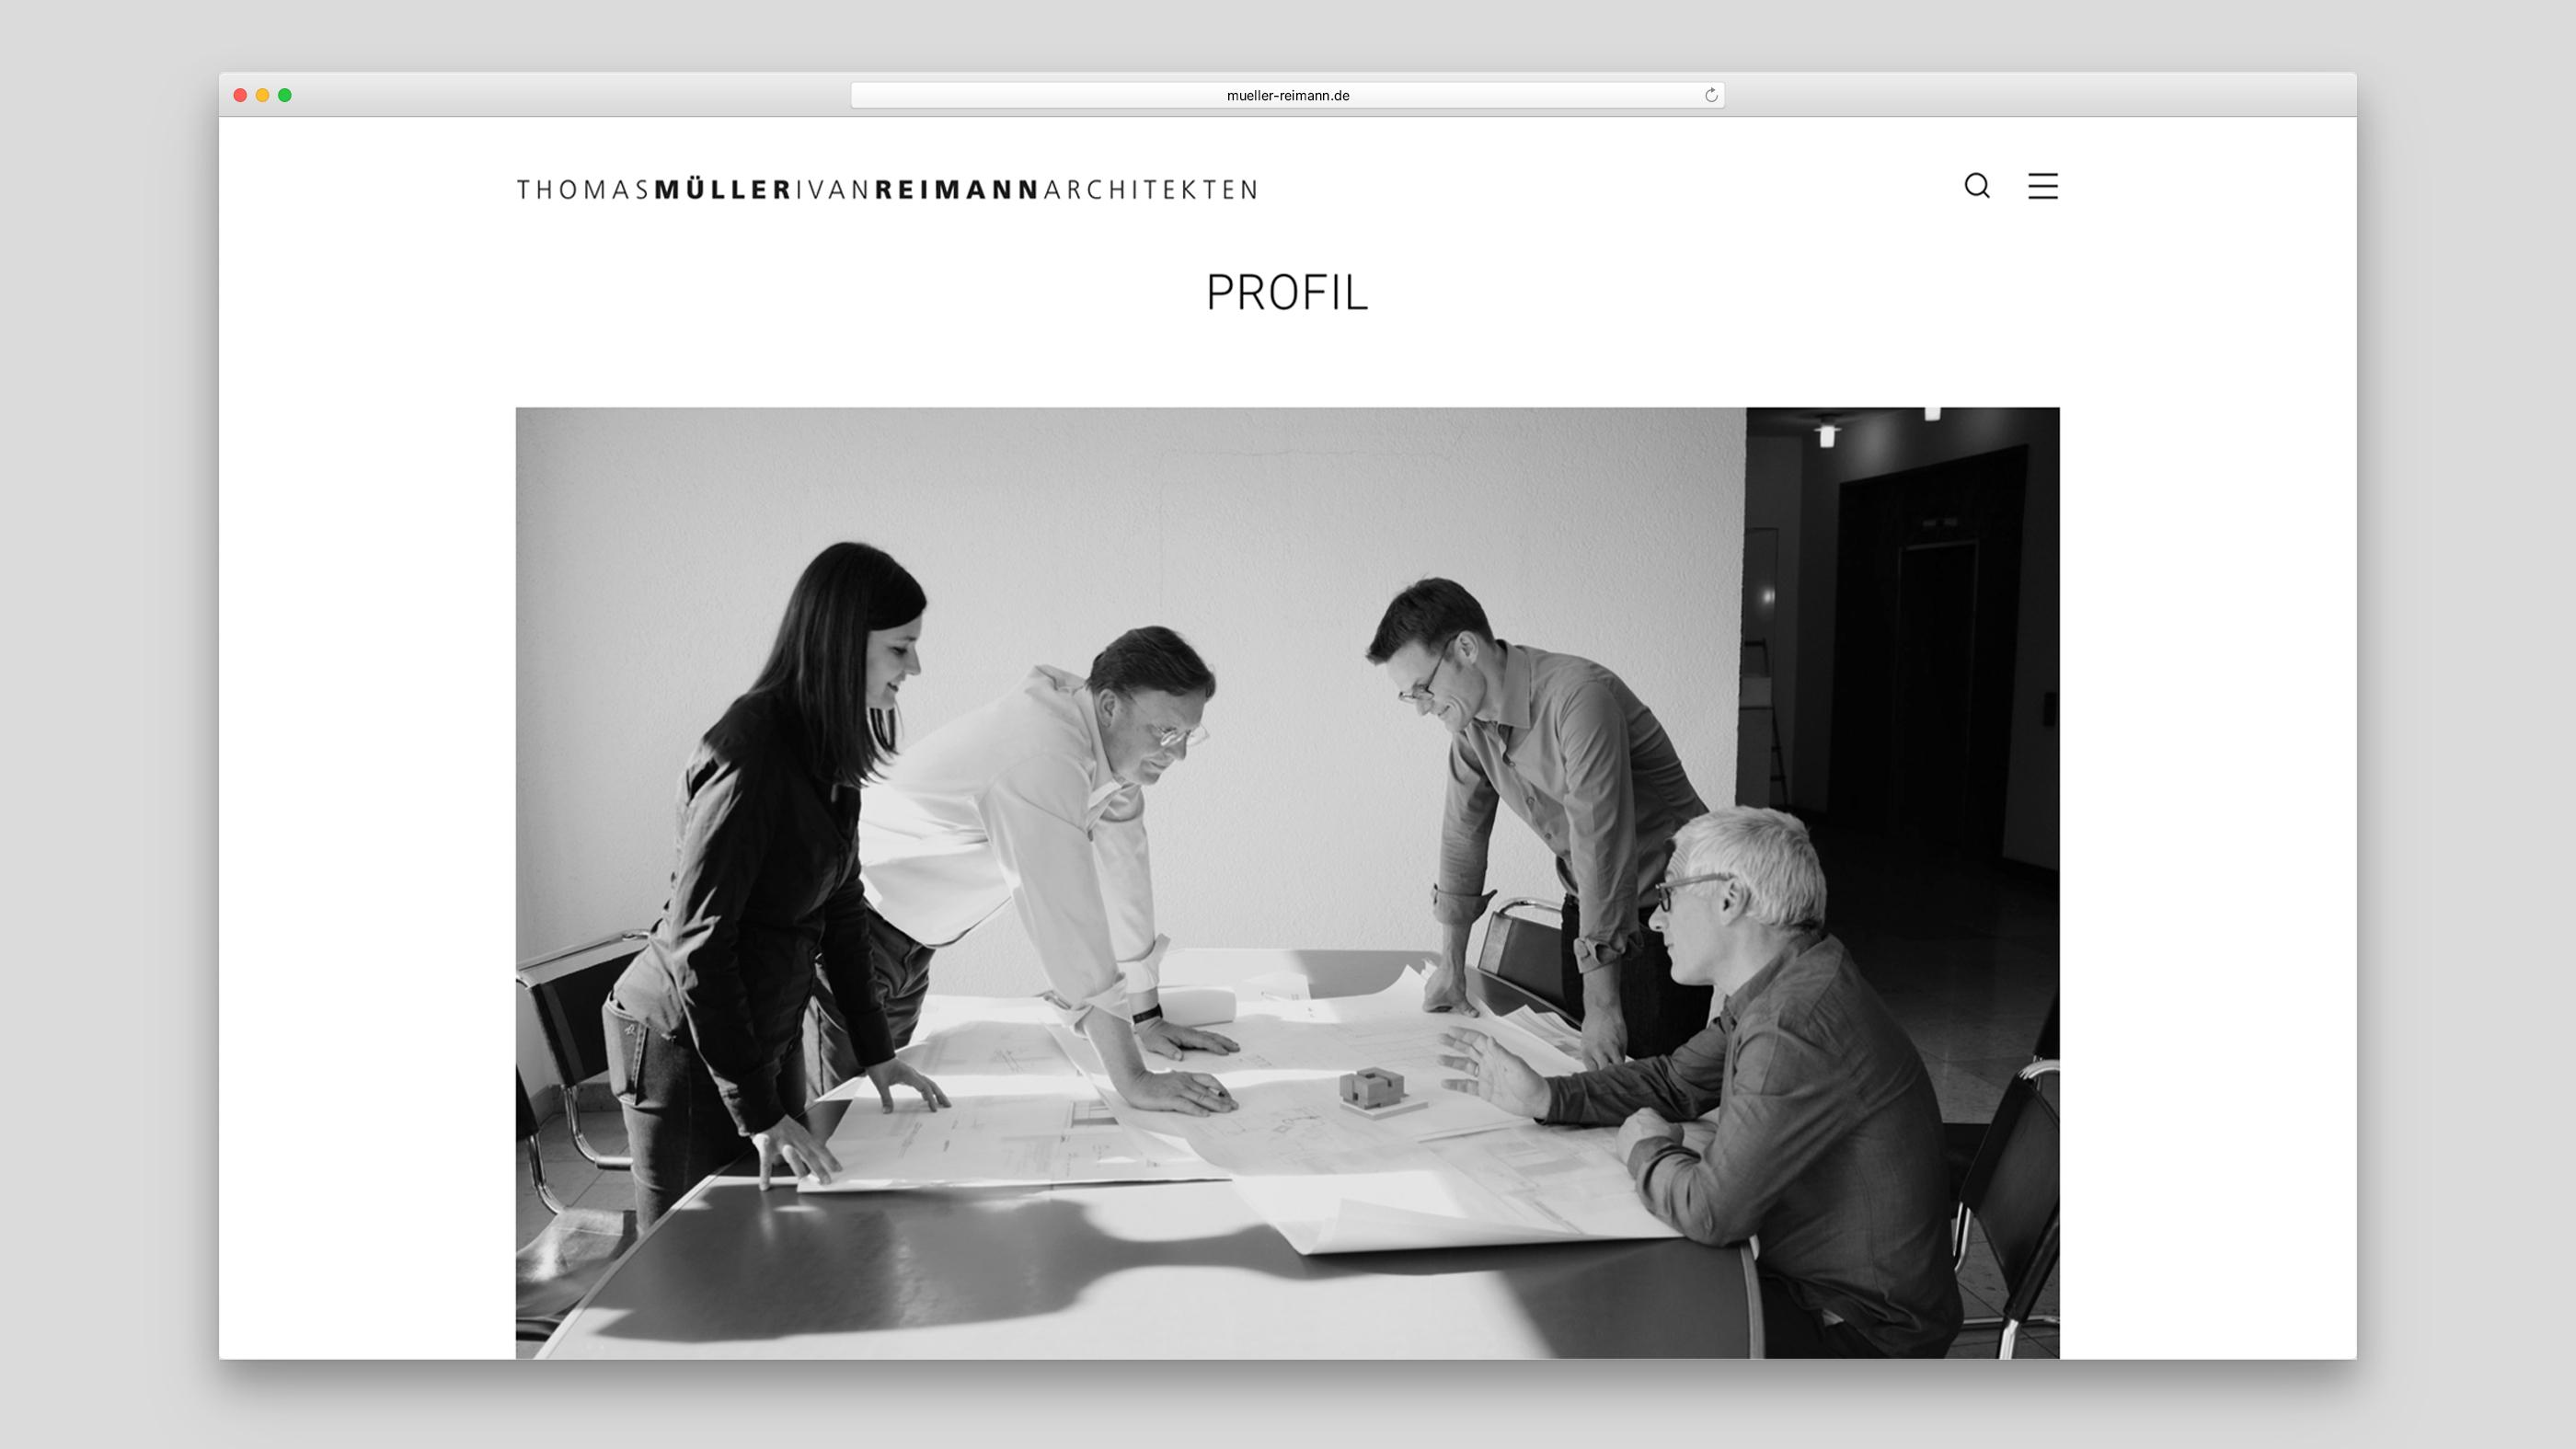 Mehrere Mitarbeiter arbeiten an einem Projekt